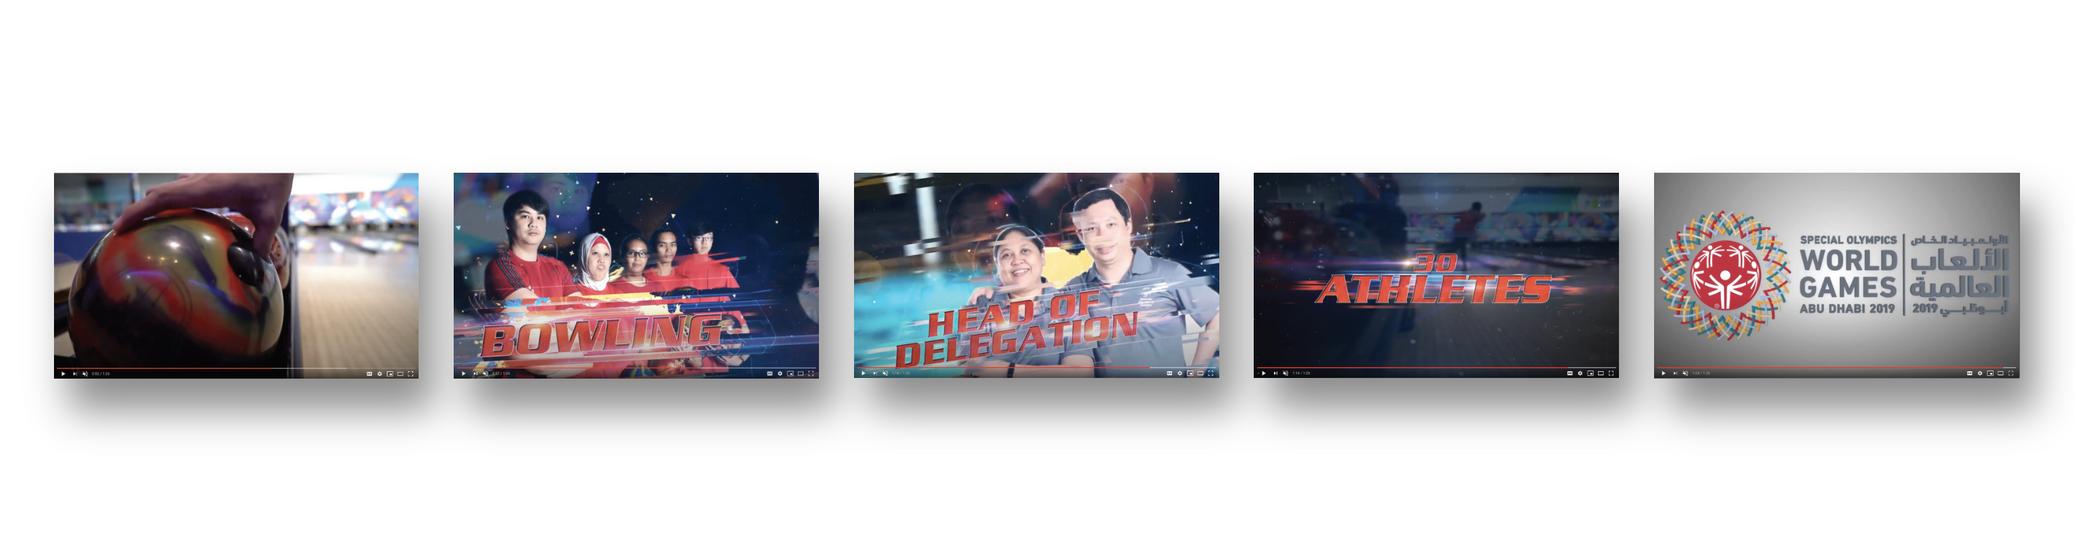 Editing, Illustration, Video editing